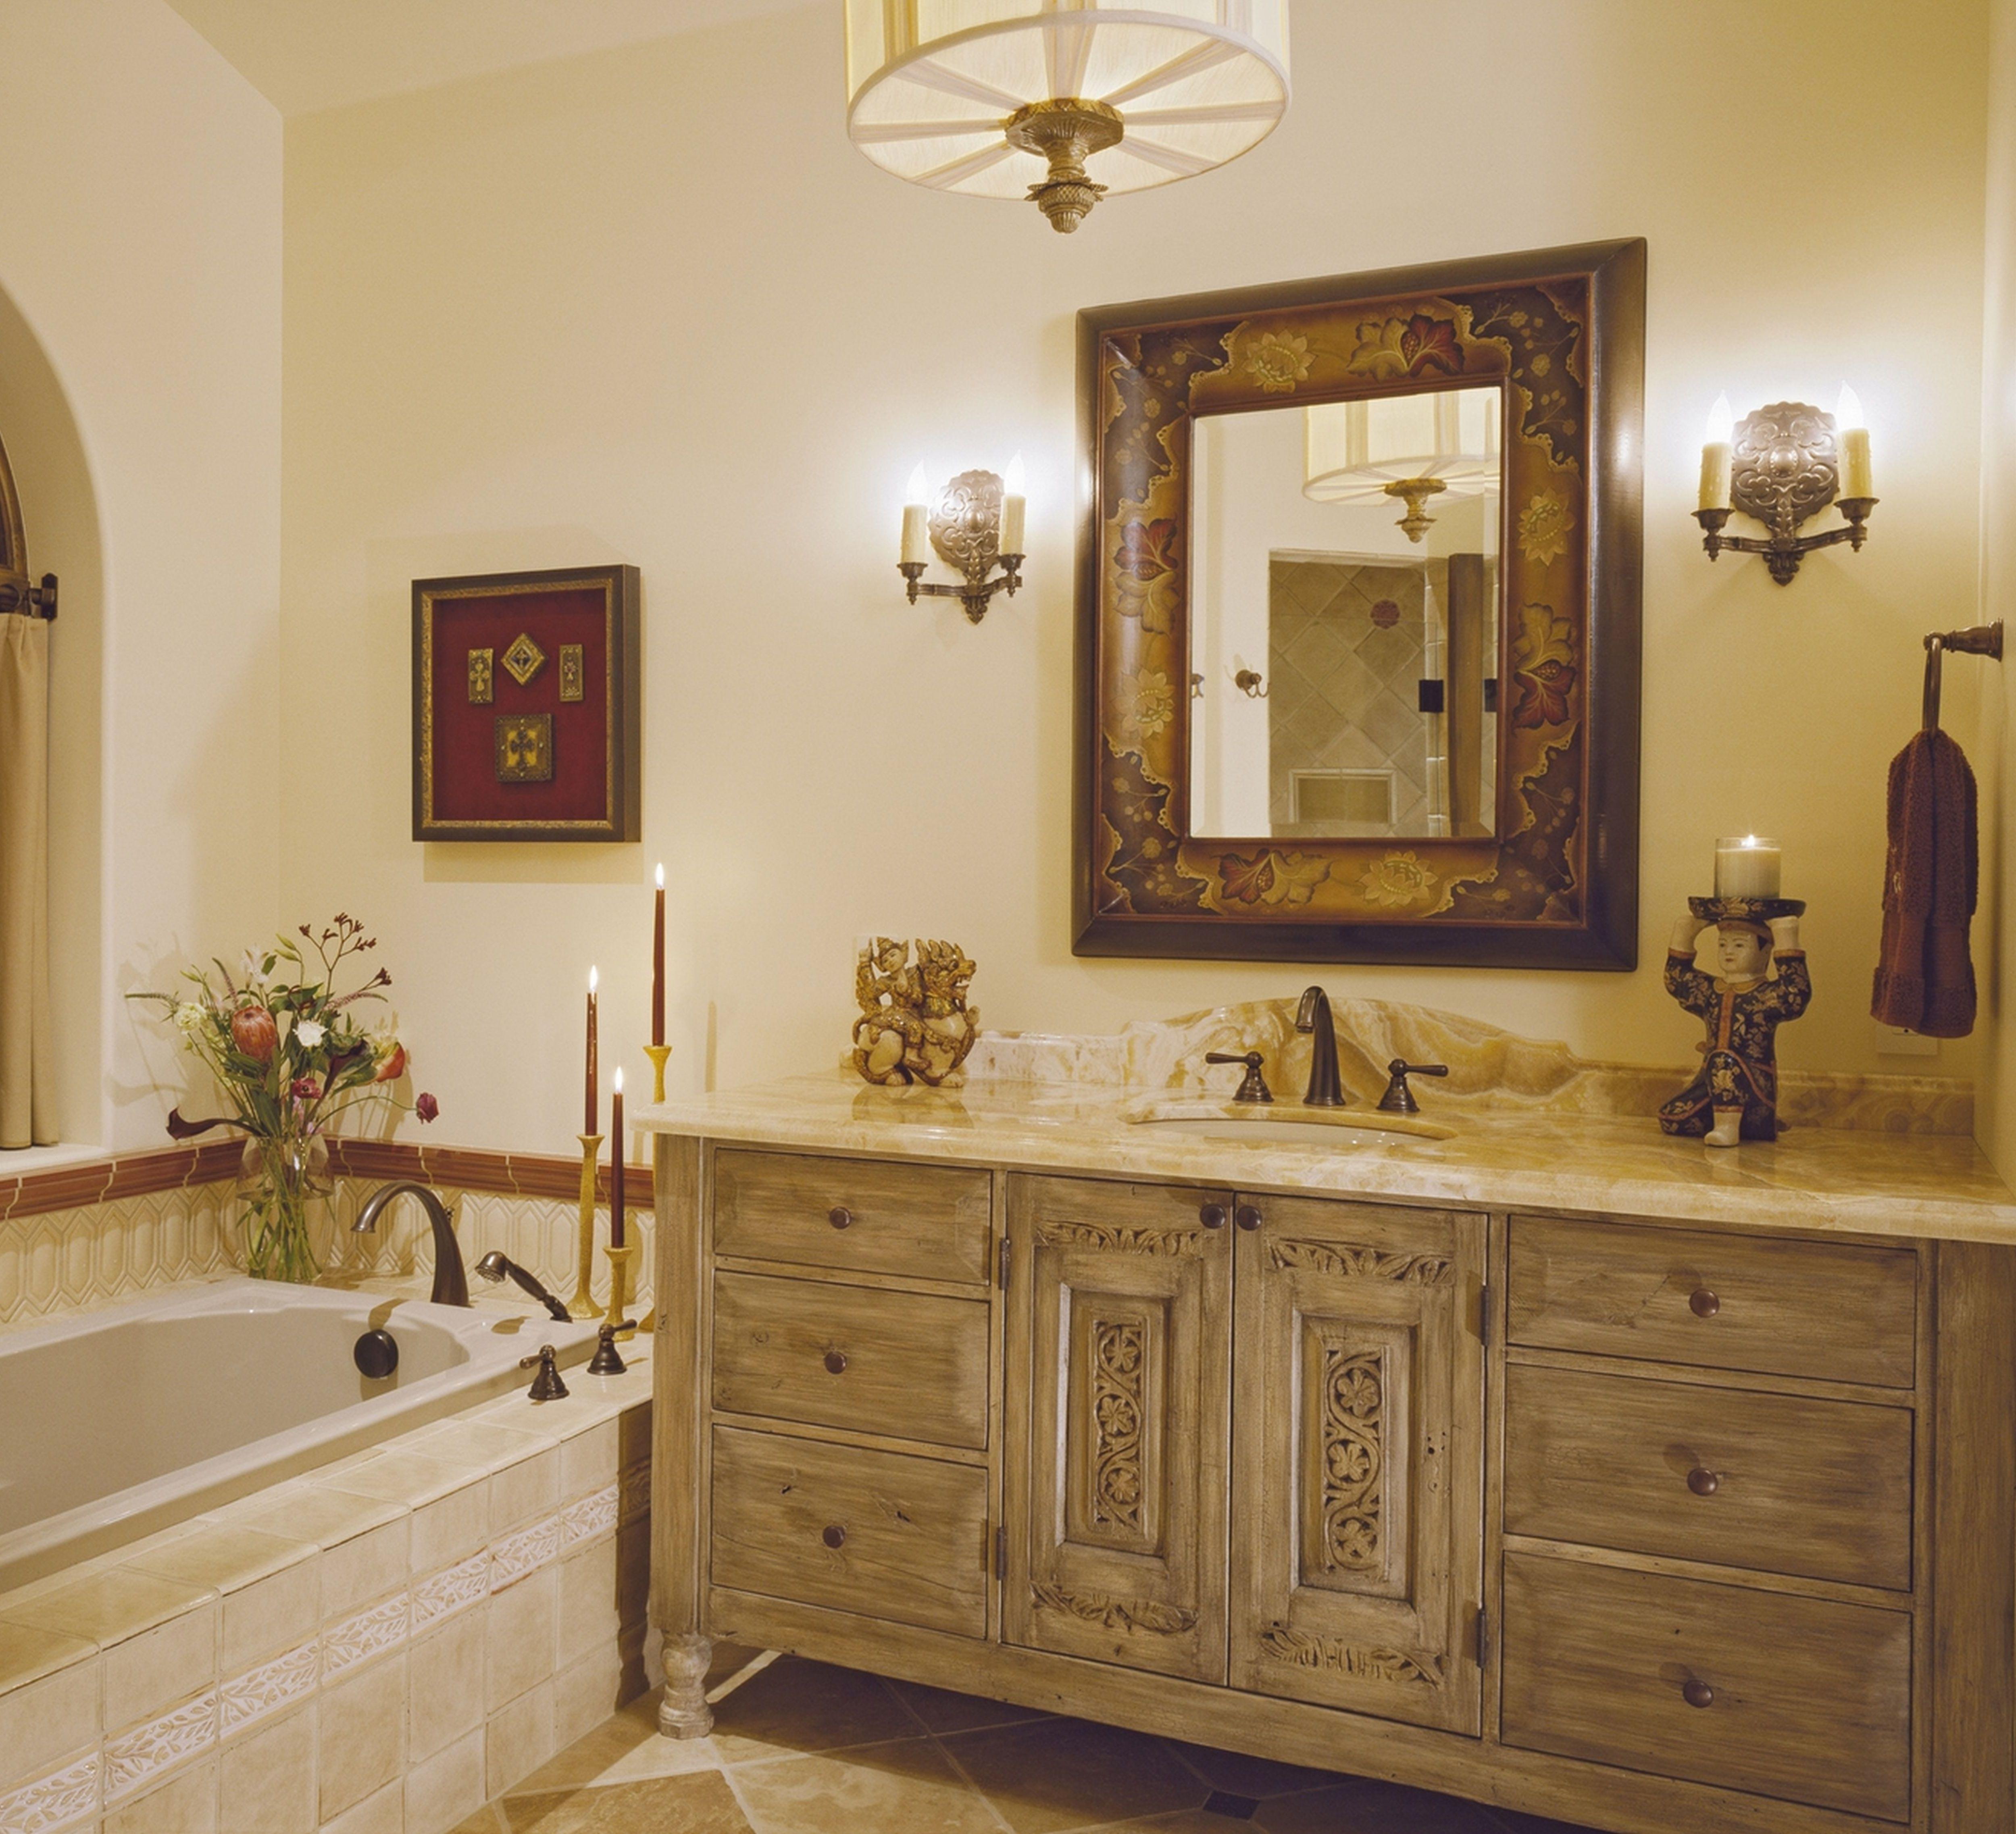 Vintage Bathroom Mirrors Sale Creative Bathroom Decoration For Antique Bathroom Mirrors Sale (View 11 of 15)